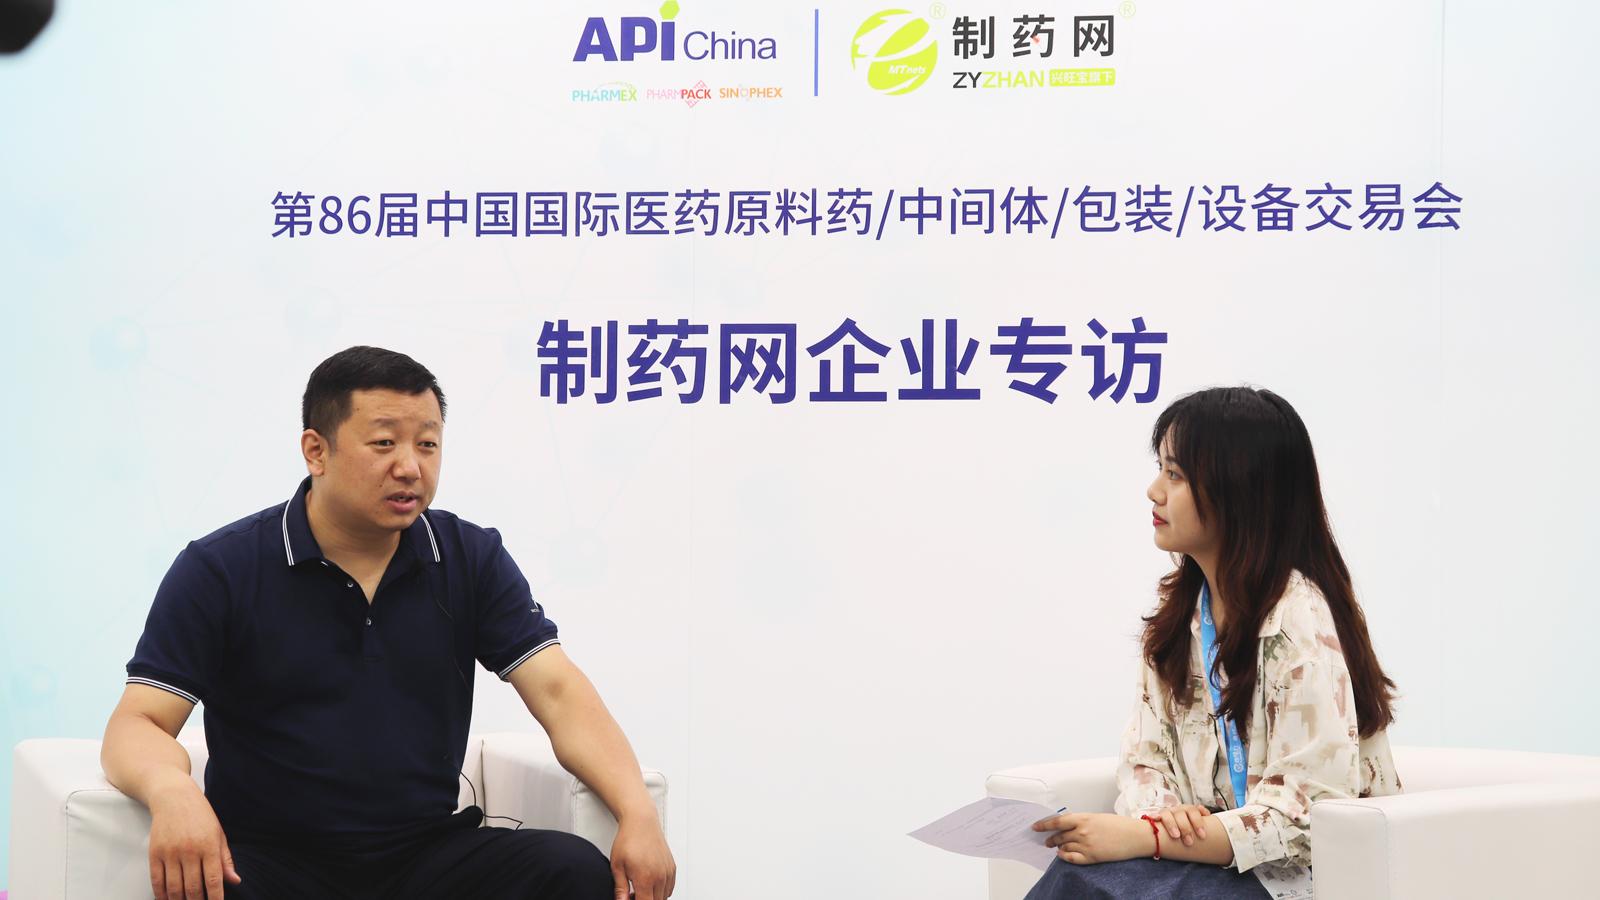 专访西安德创电气科技有限公司总经理赵彦祥